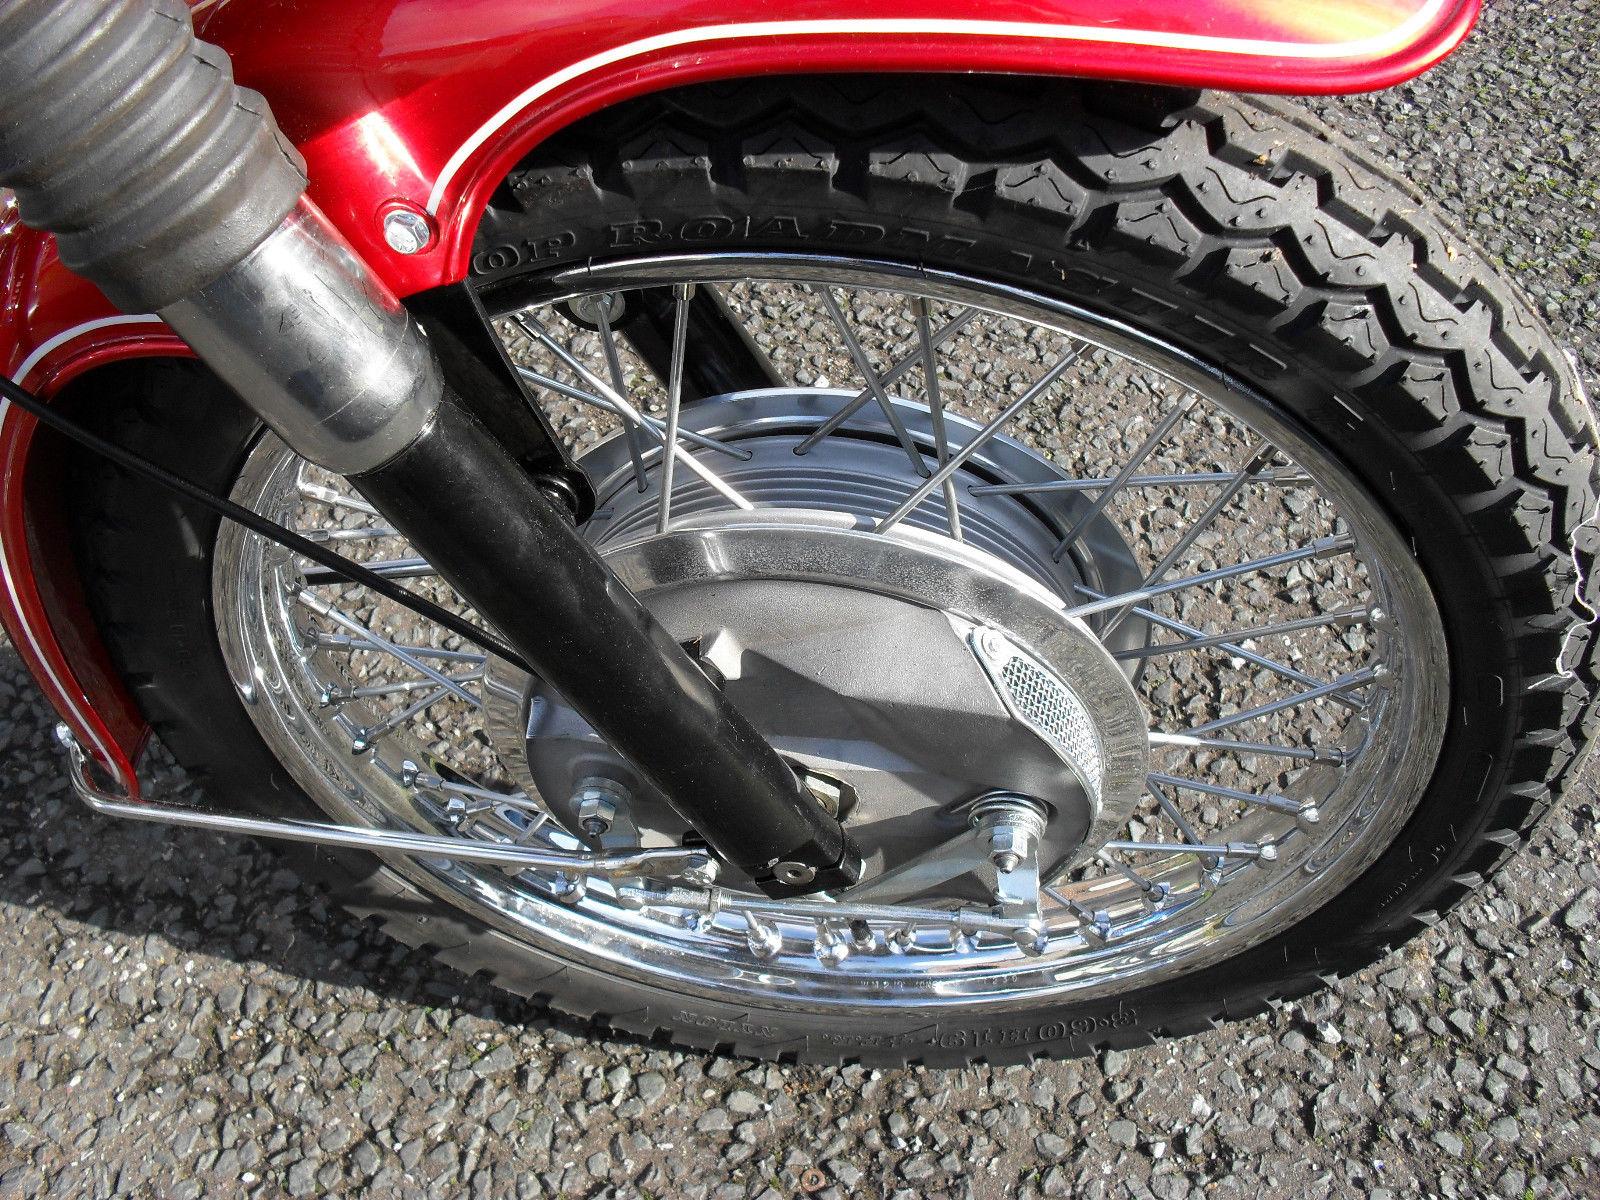 BSA Rocket 111 - 1969 - Front Forks, Front Wheel Hub and Front Brake.